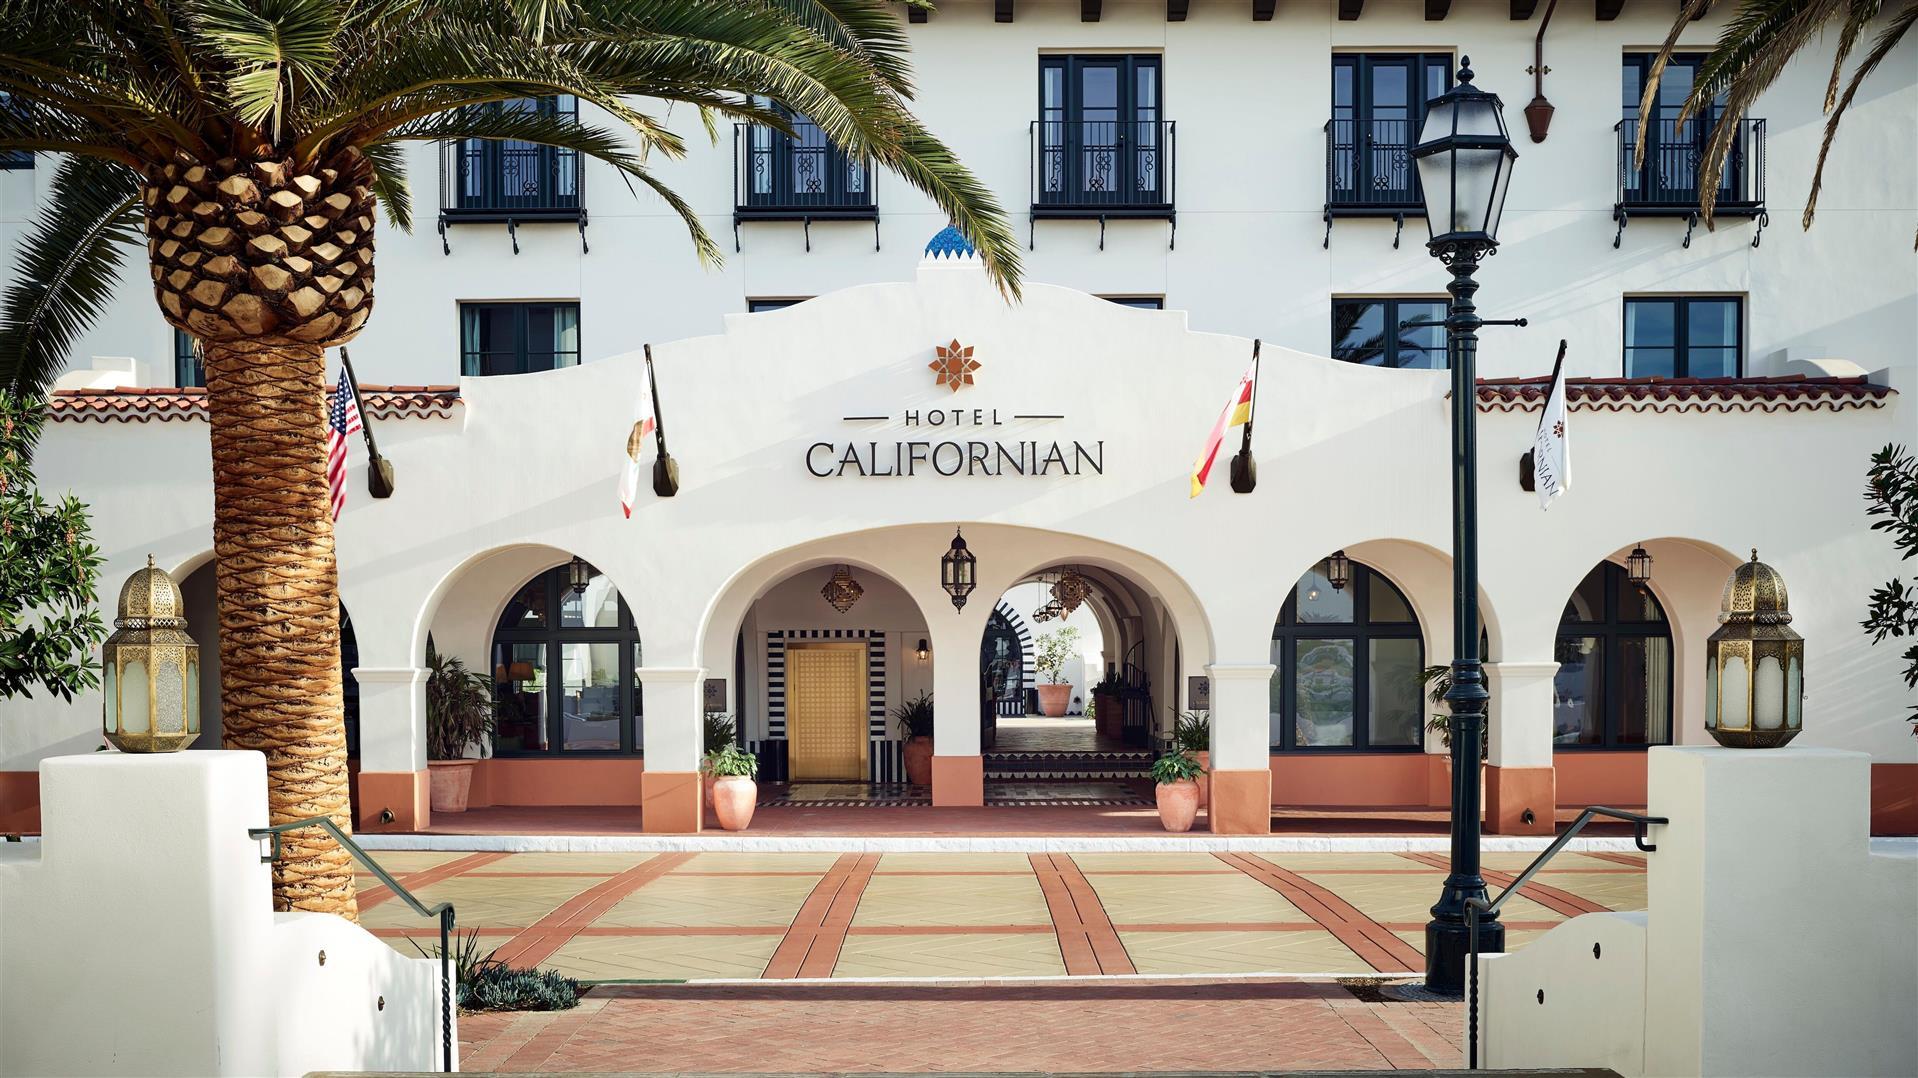 Meetings And Events At Hotel Californian Santa Barbara Ca Us